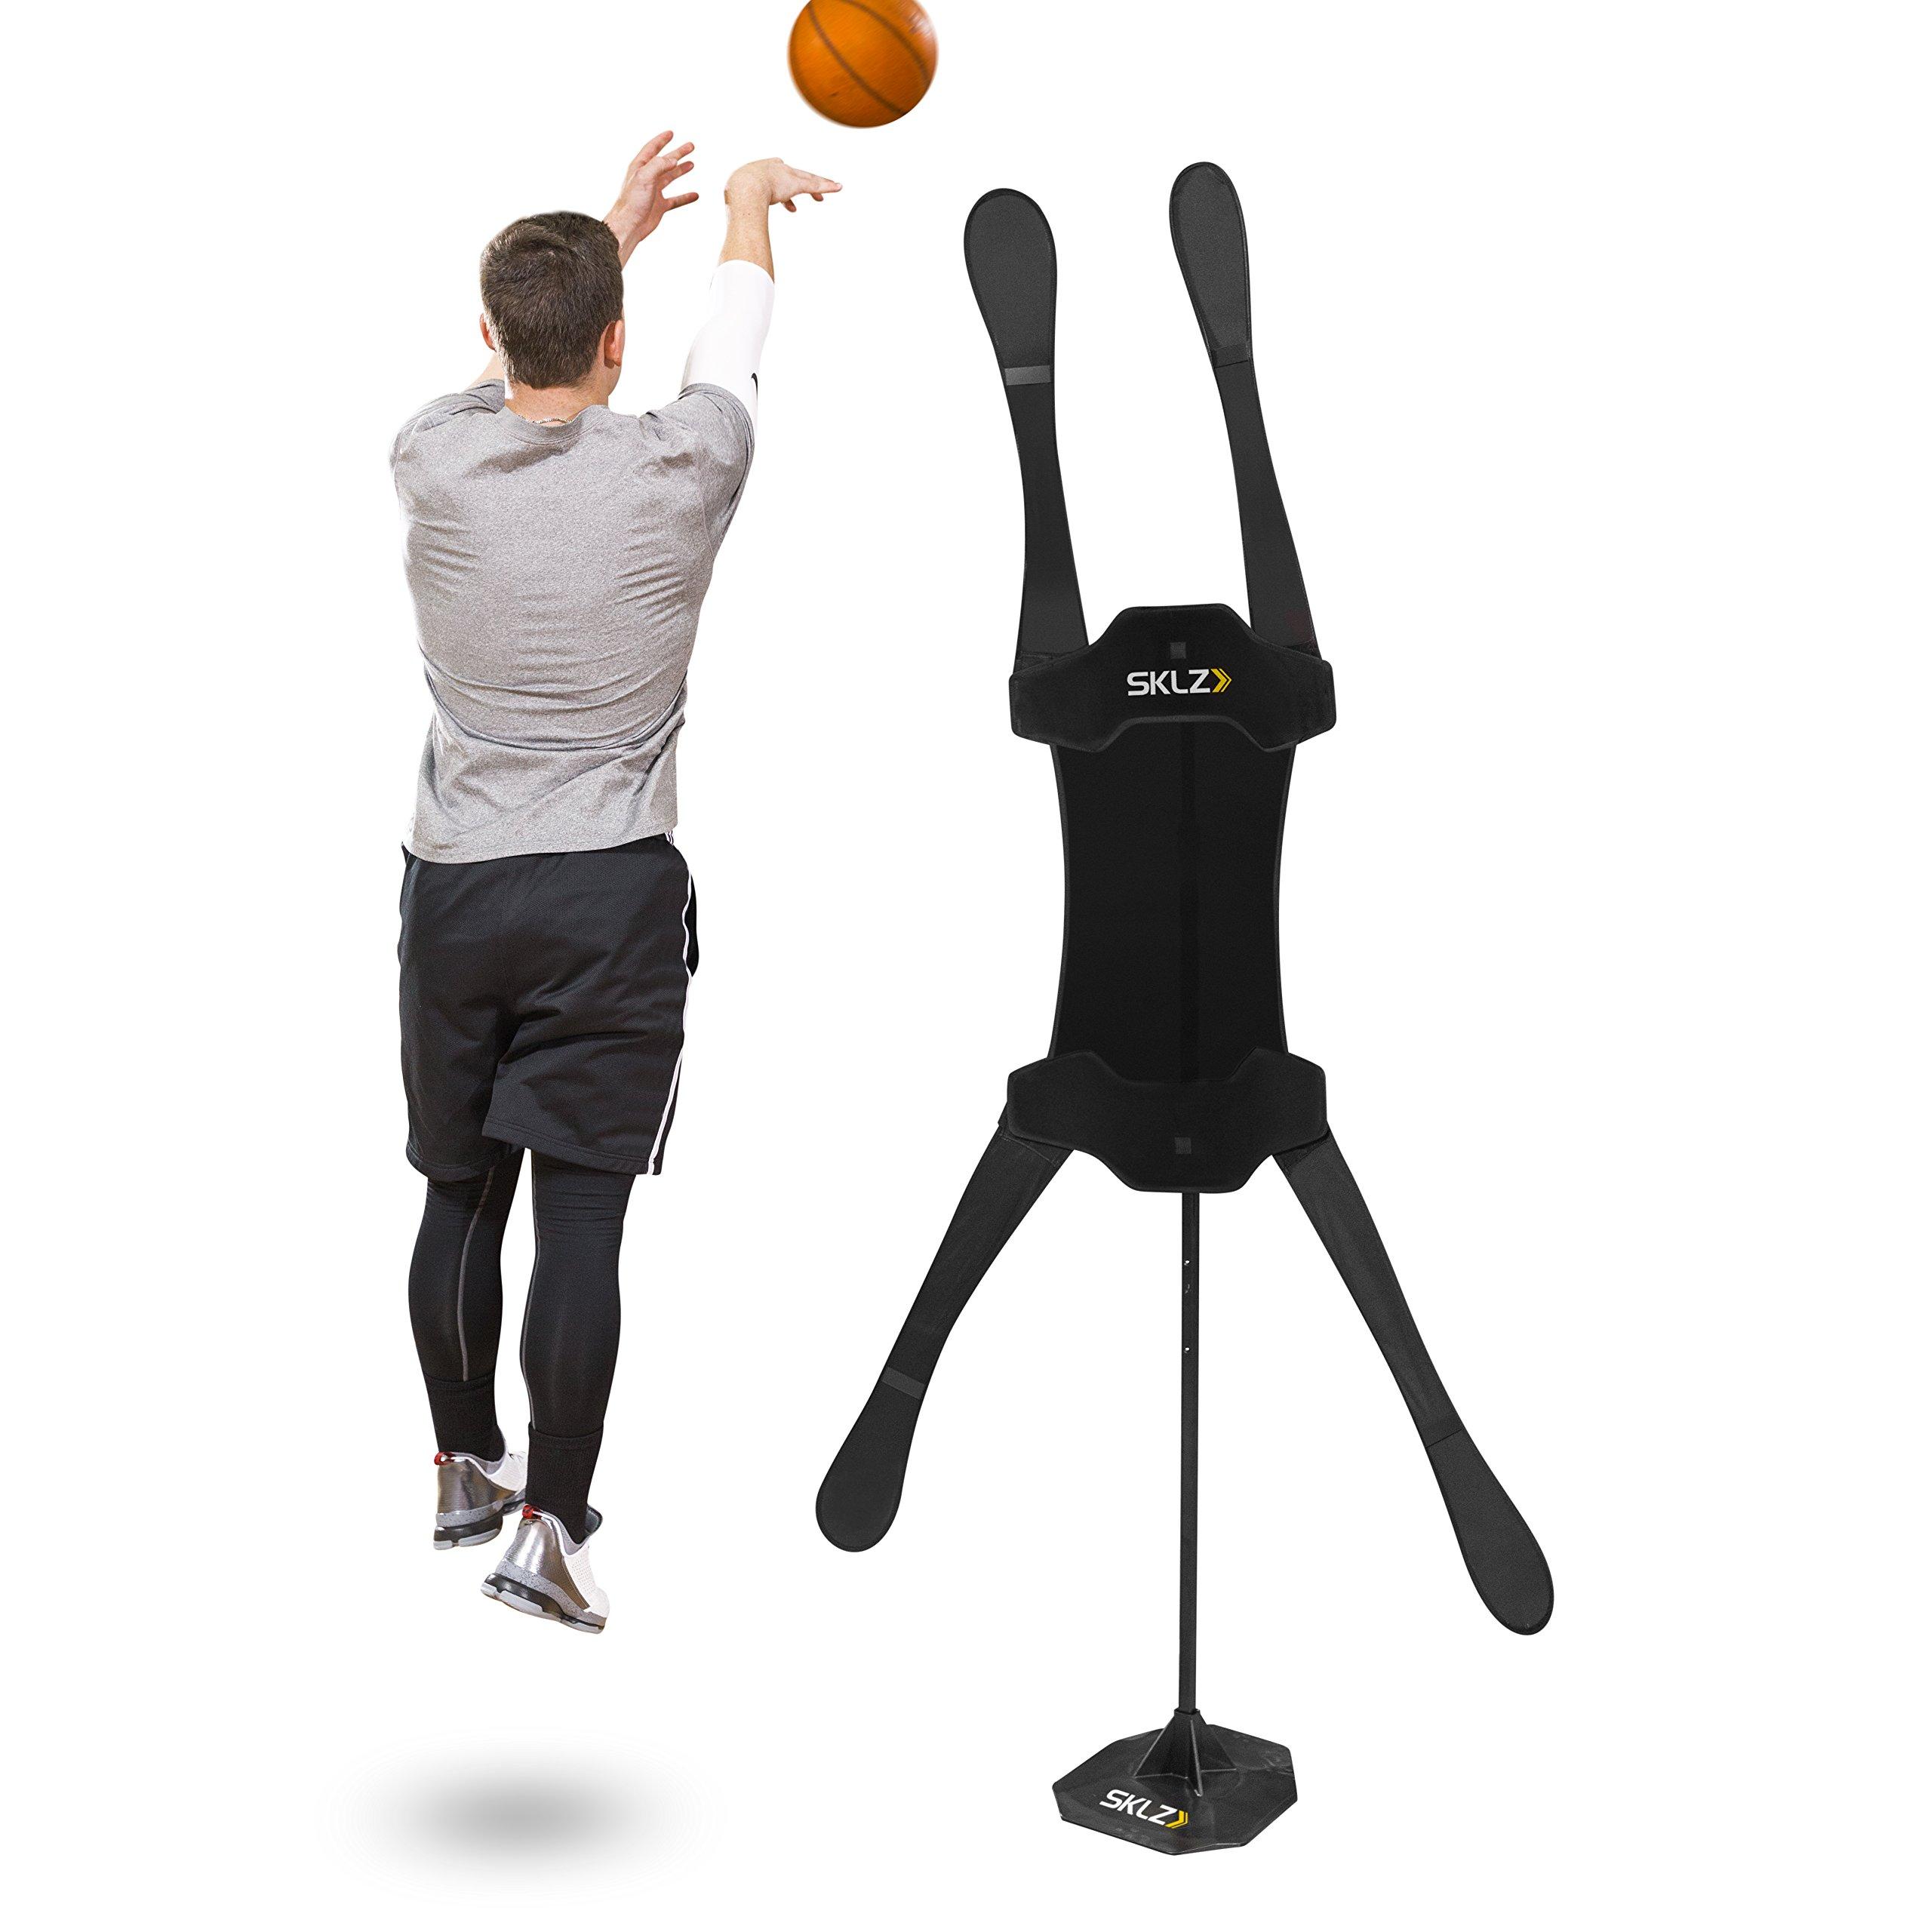 SKLZ D-Man Pro - Elite Basketball Defensive Mannequin for Offense and Defense Drills by SKLZ